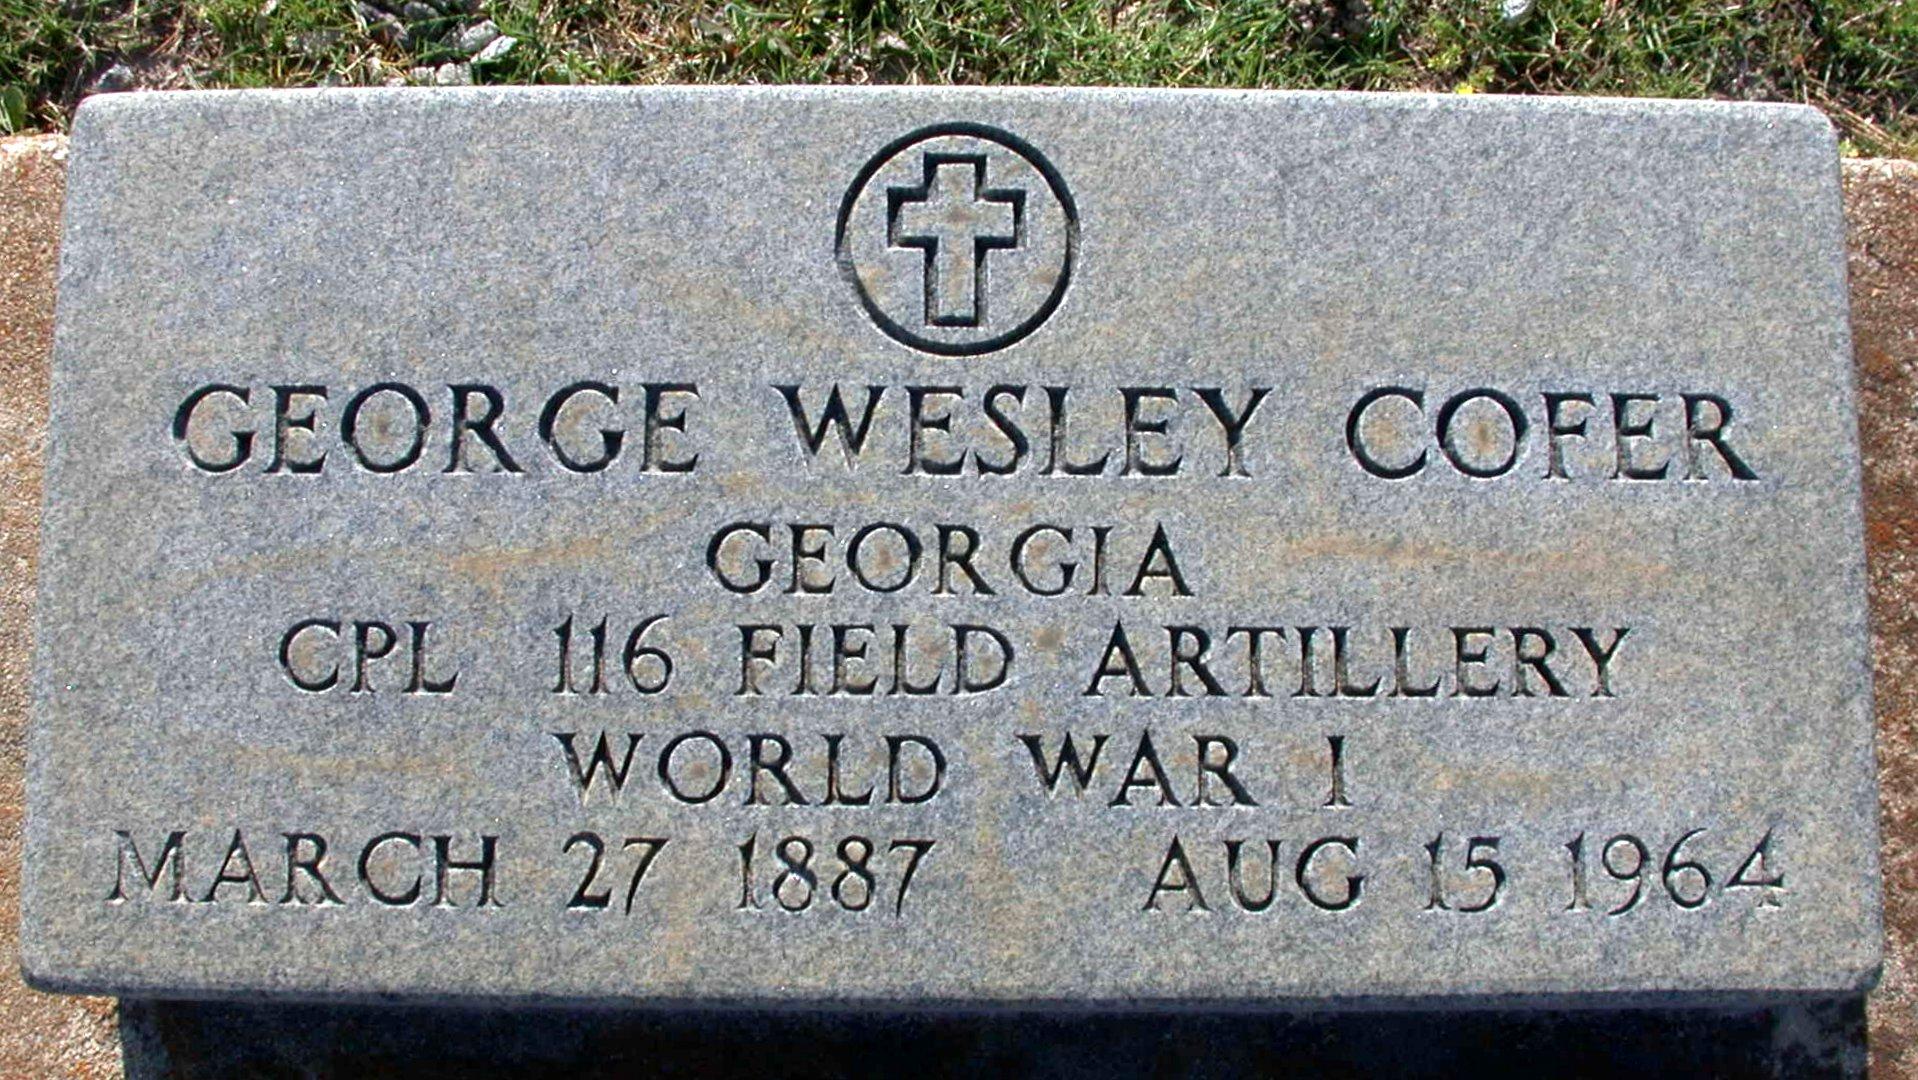 George Wesley West Cofer, Sr